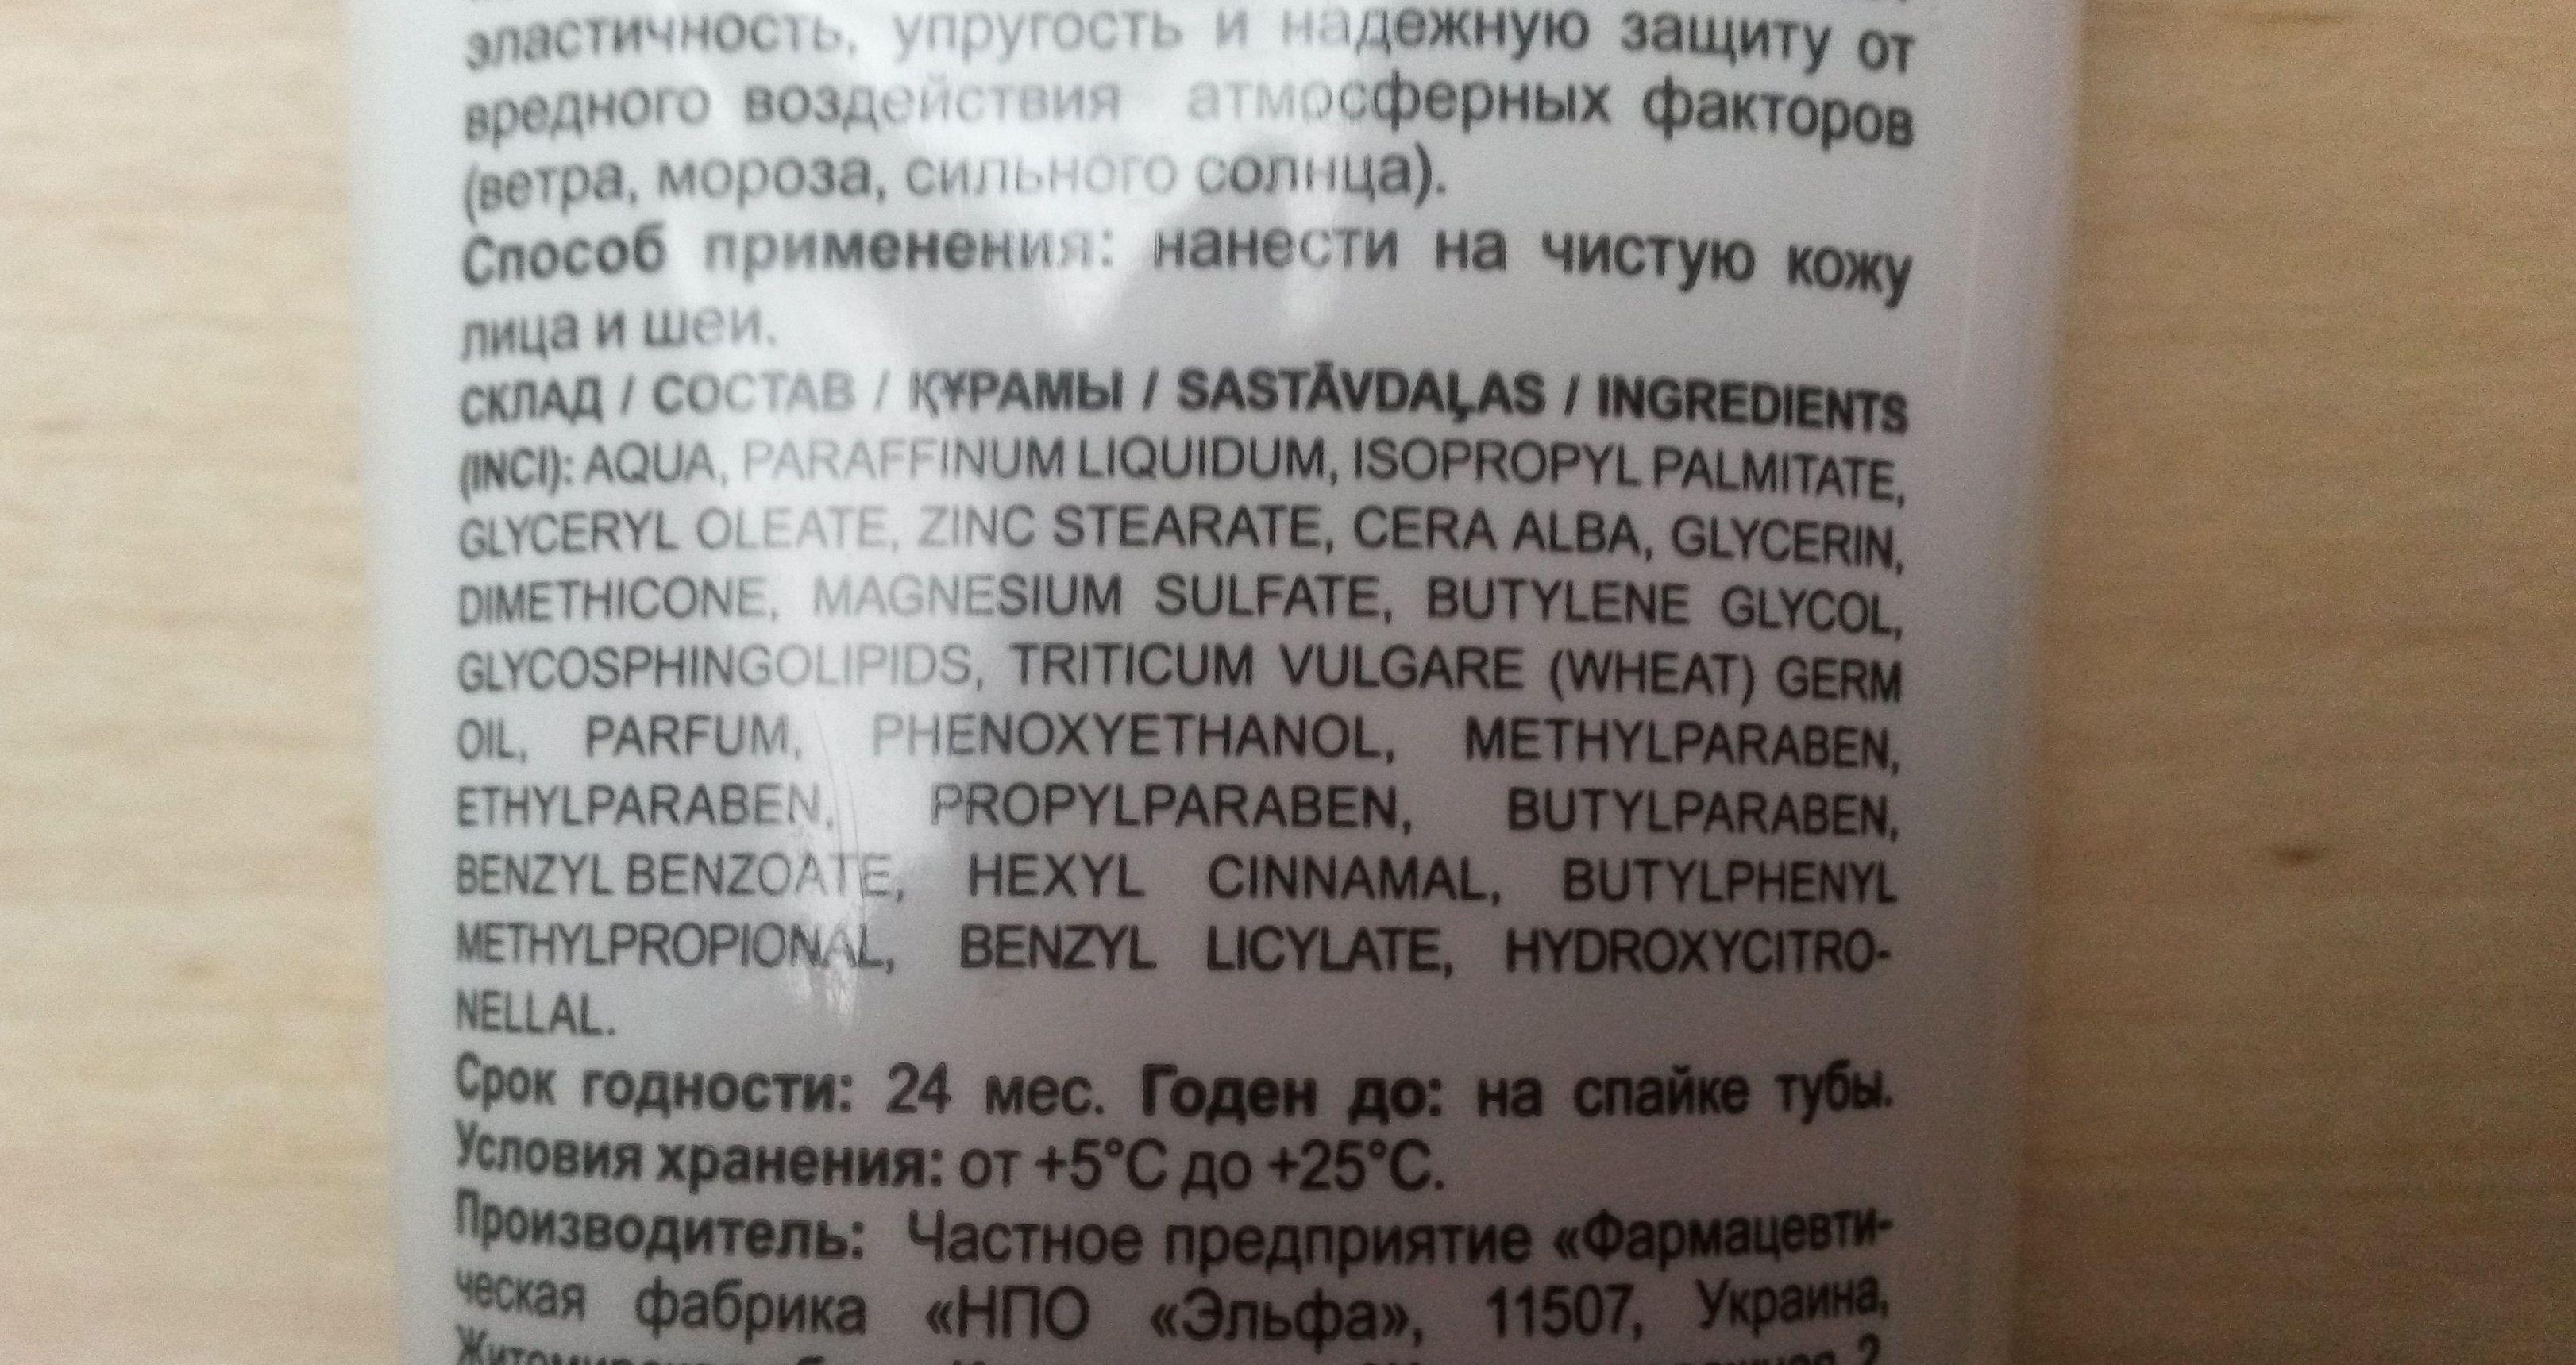 Magnesium sulfate в косметике